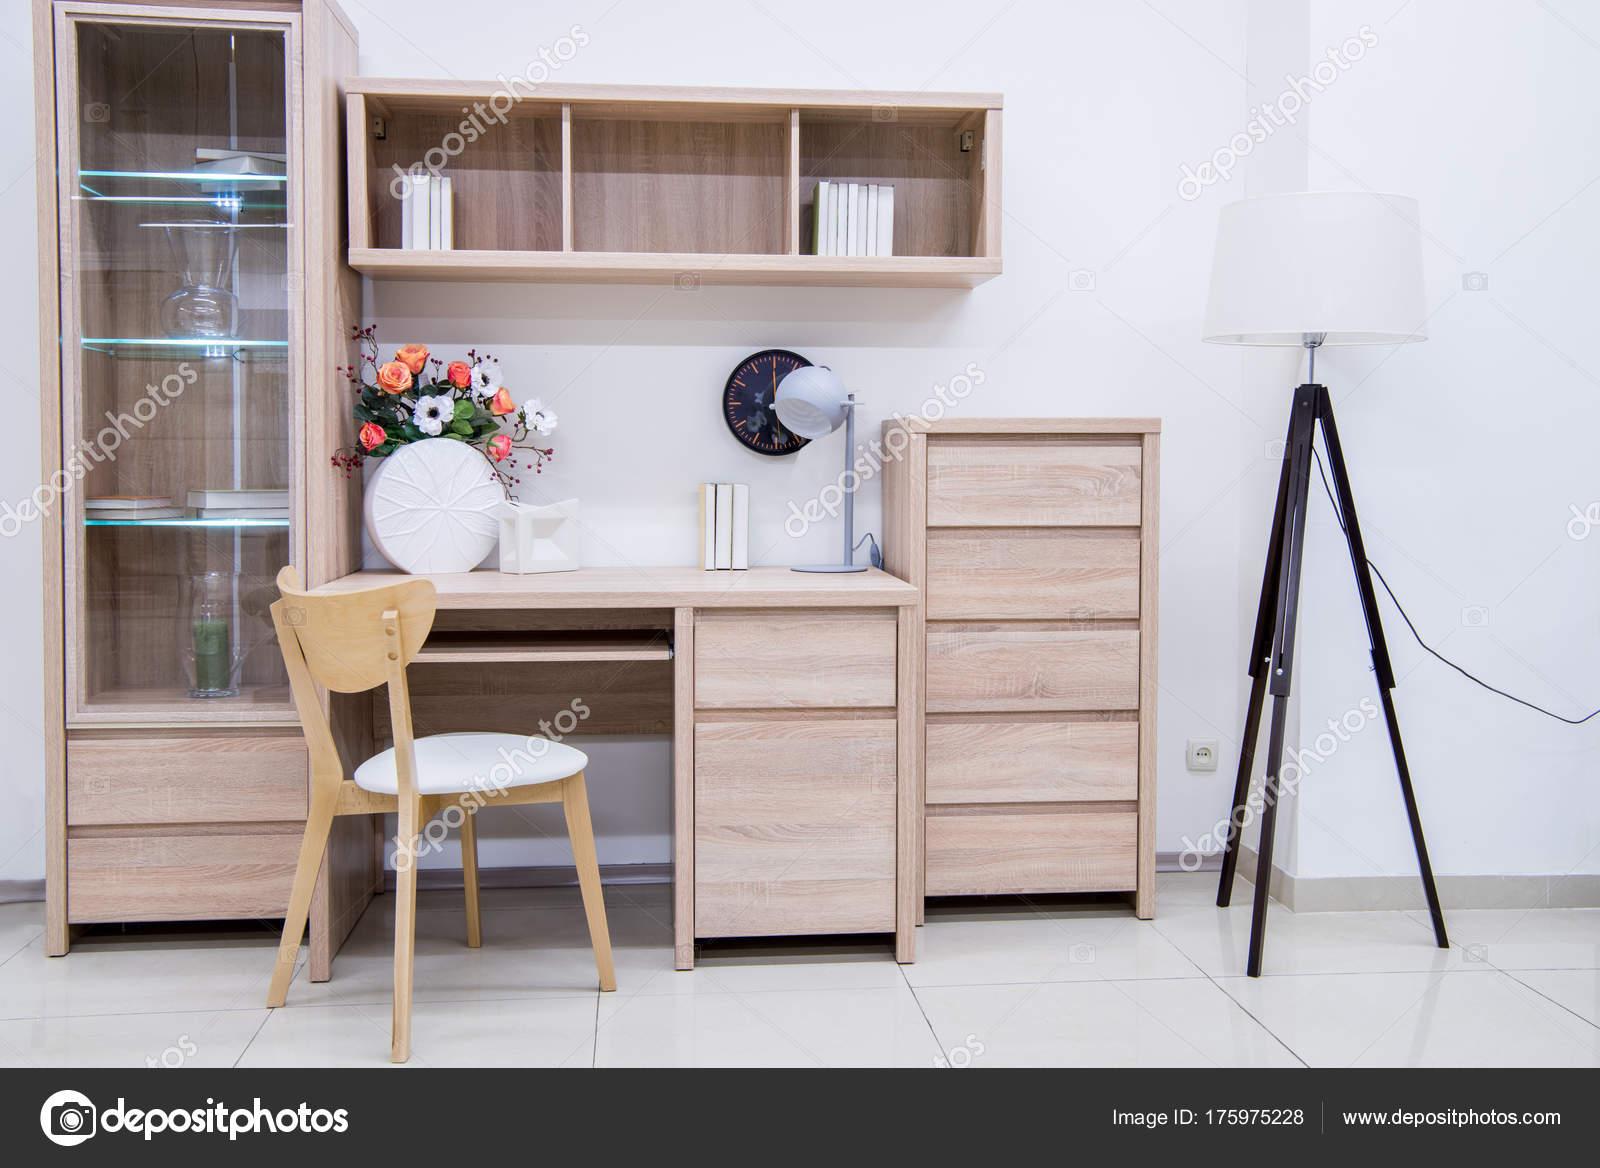 Inspirierend Wohnzimmer Einrichtung Modern Foto Von Moderne Mit Möbel — Stockfoto